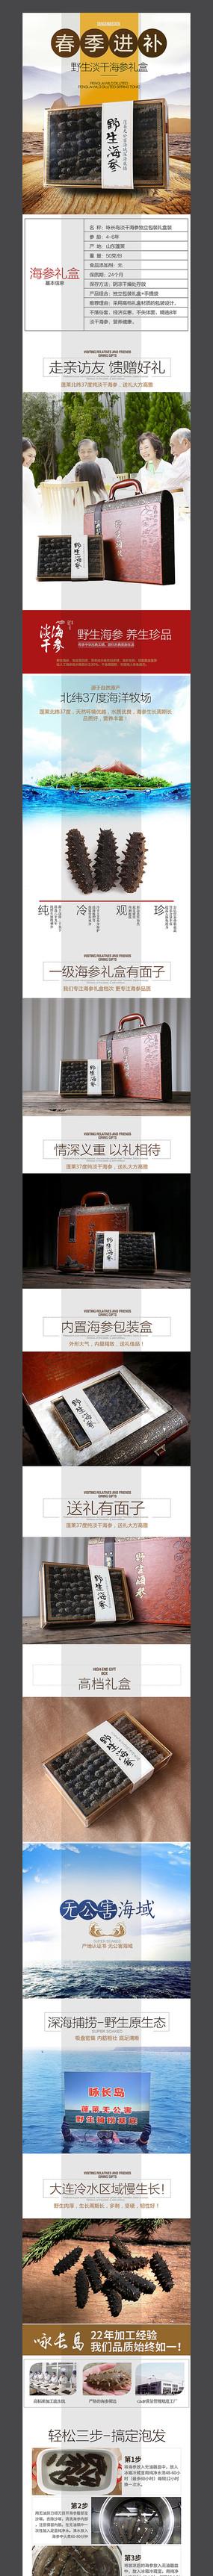 食品礼盒淘宝详情设计